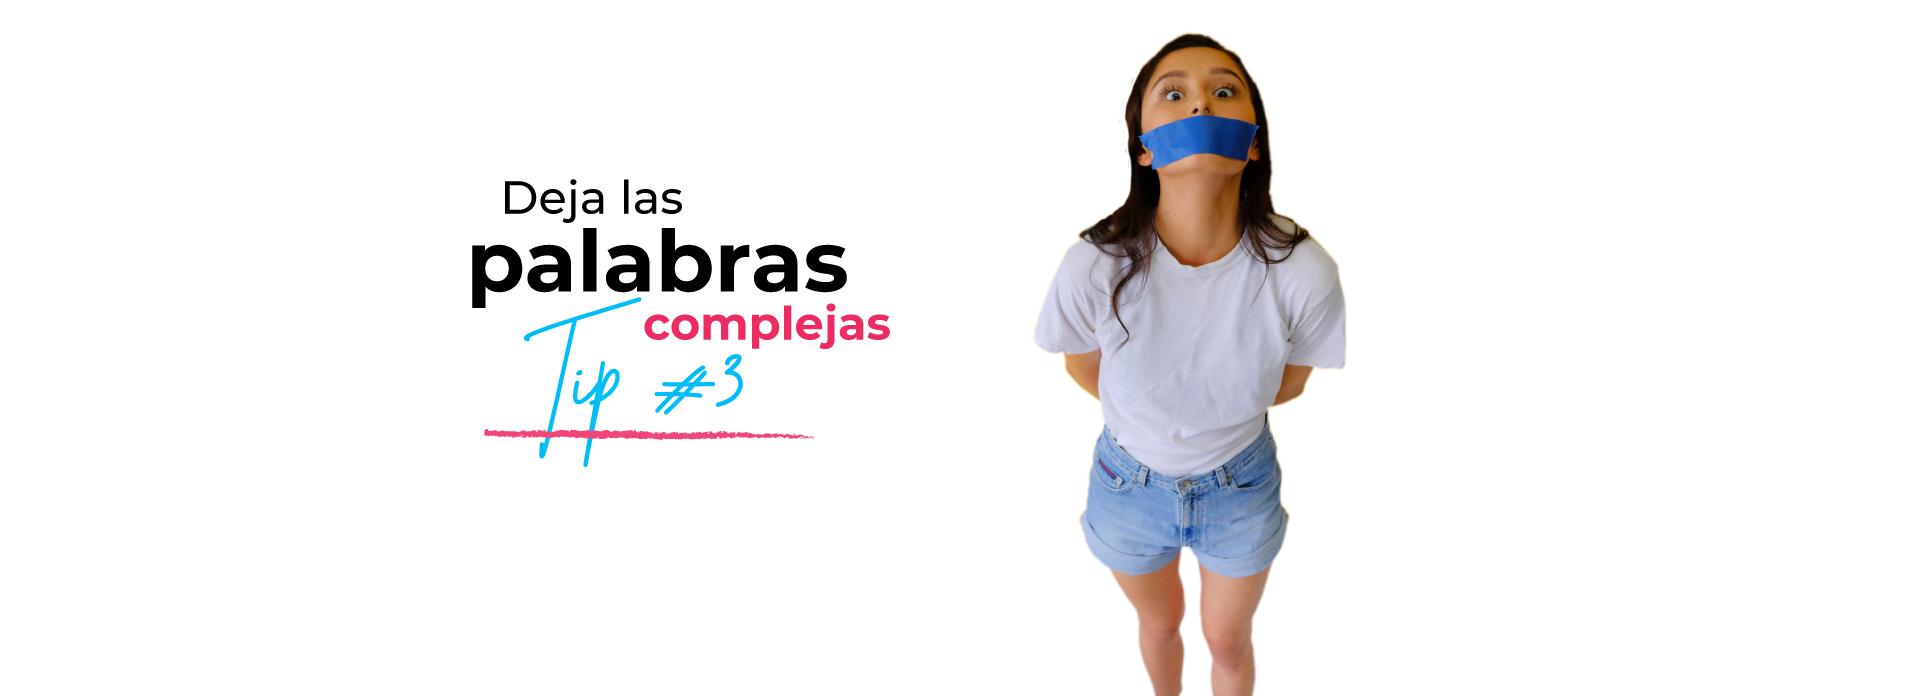 Cómunicación con los pacientes: deja las palabras complejas